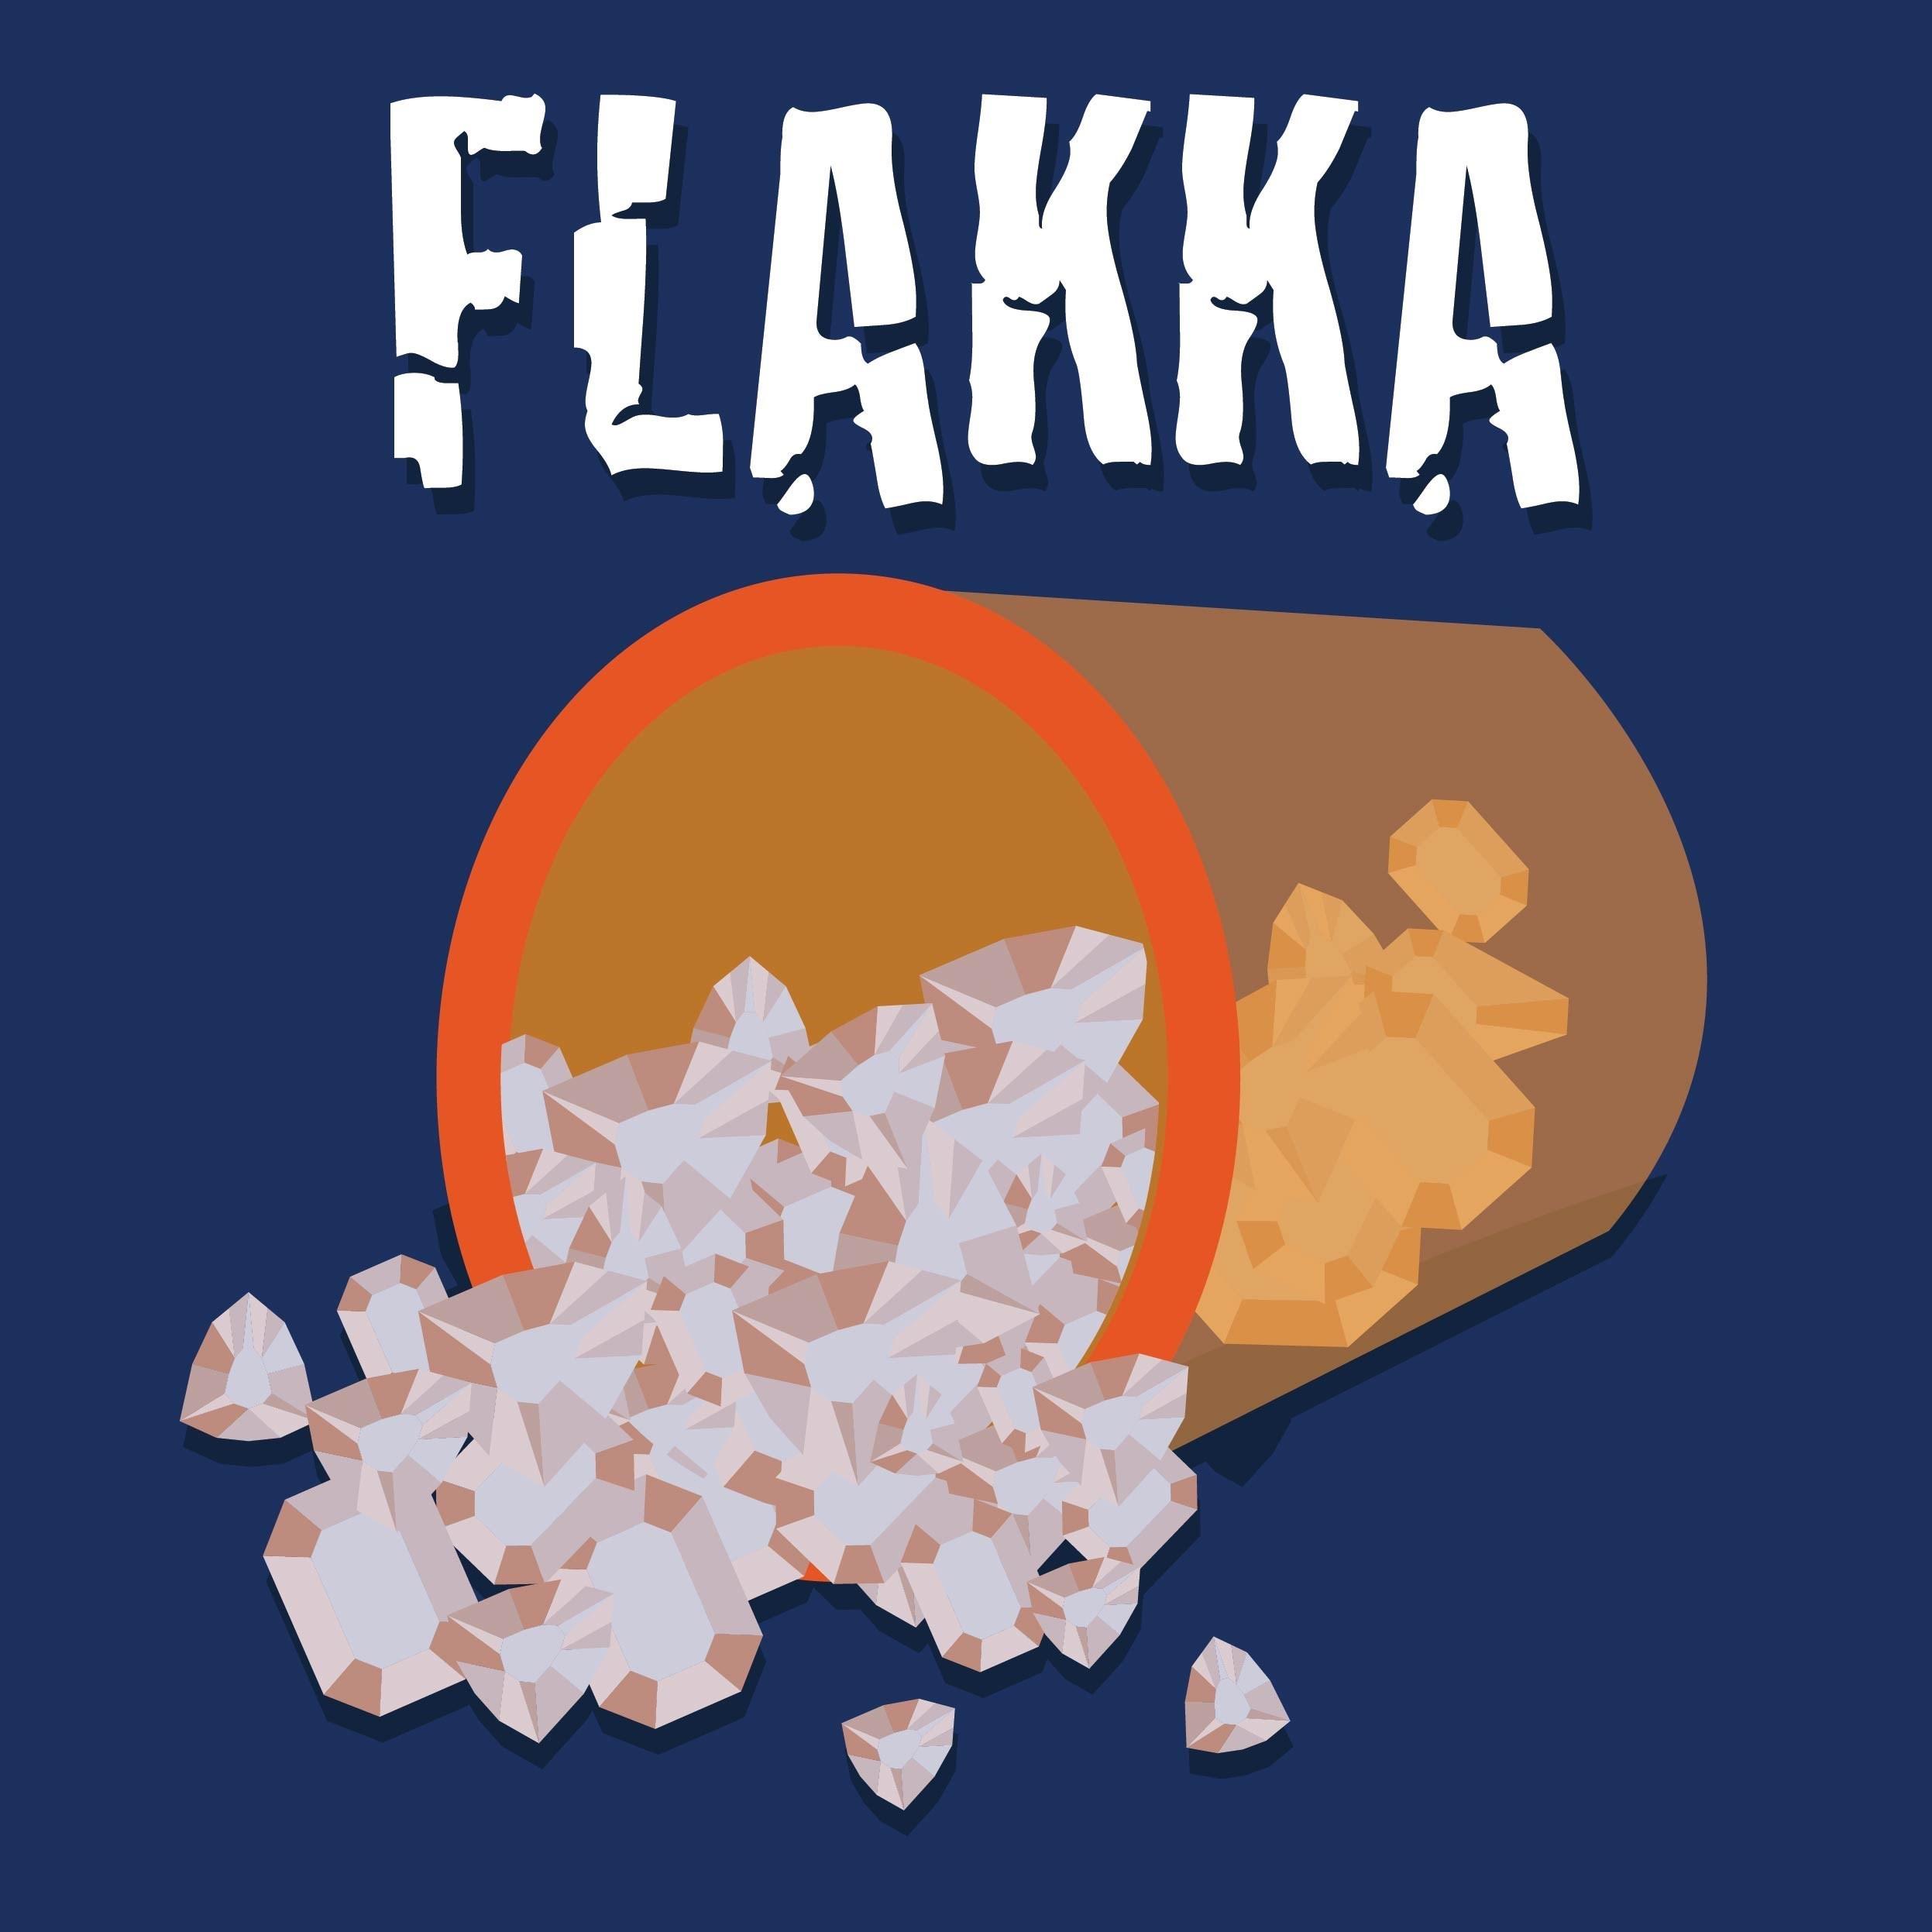 کلیپ جالب قاچاق موادر مخدر فلاکا فروش مواد مخدر زندگی در آمریکا زامبی اخبار آمریکا flakka